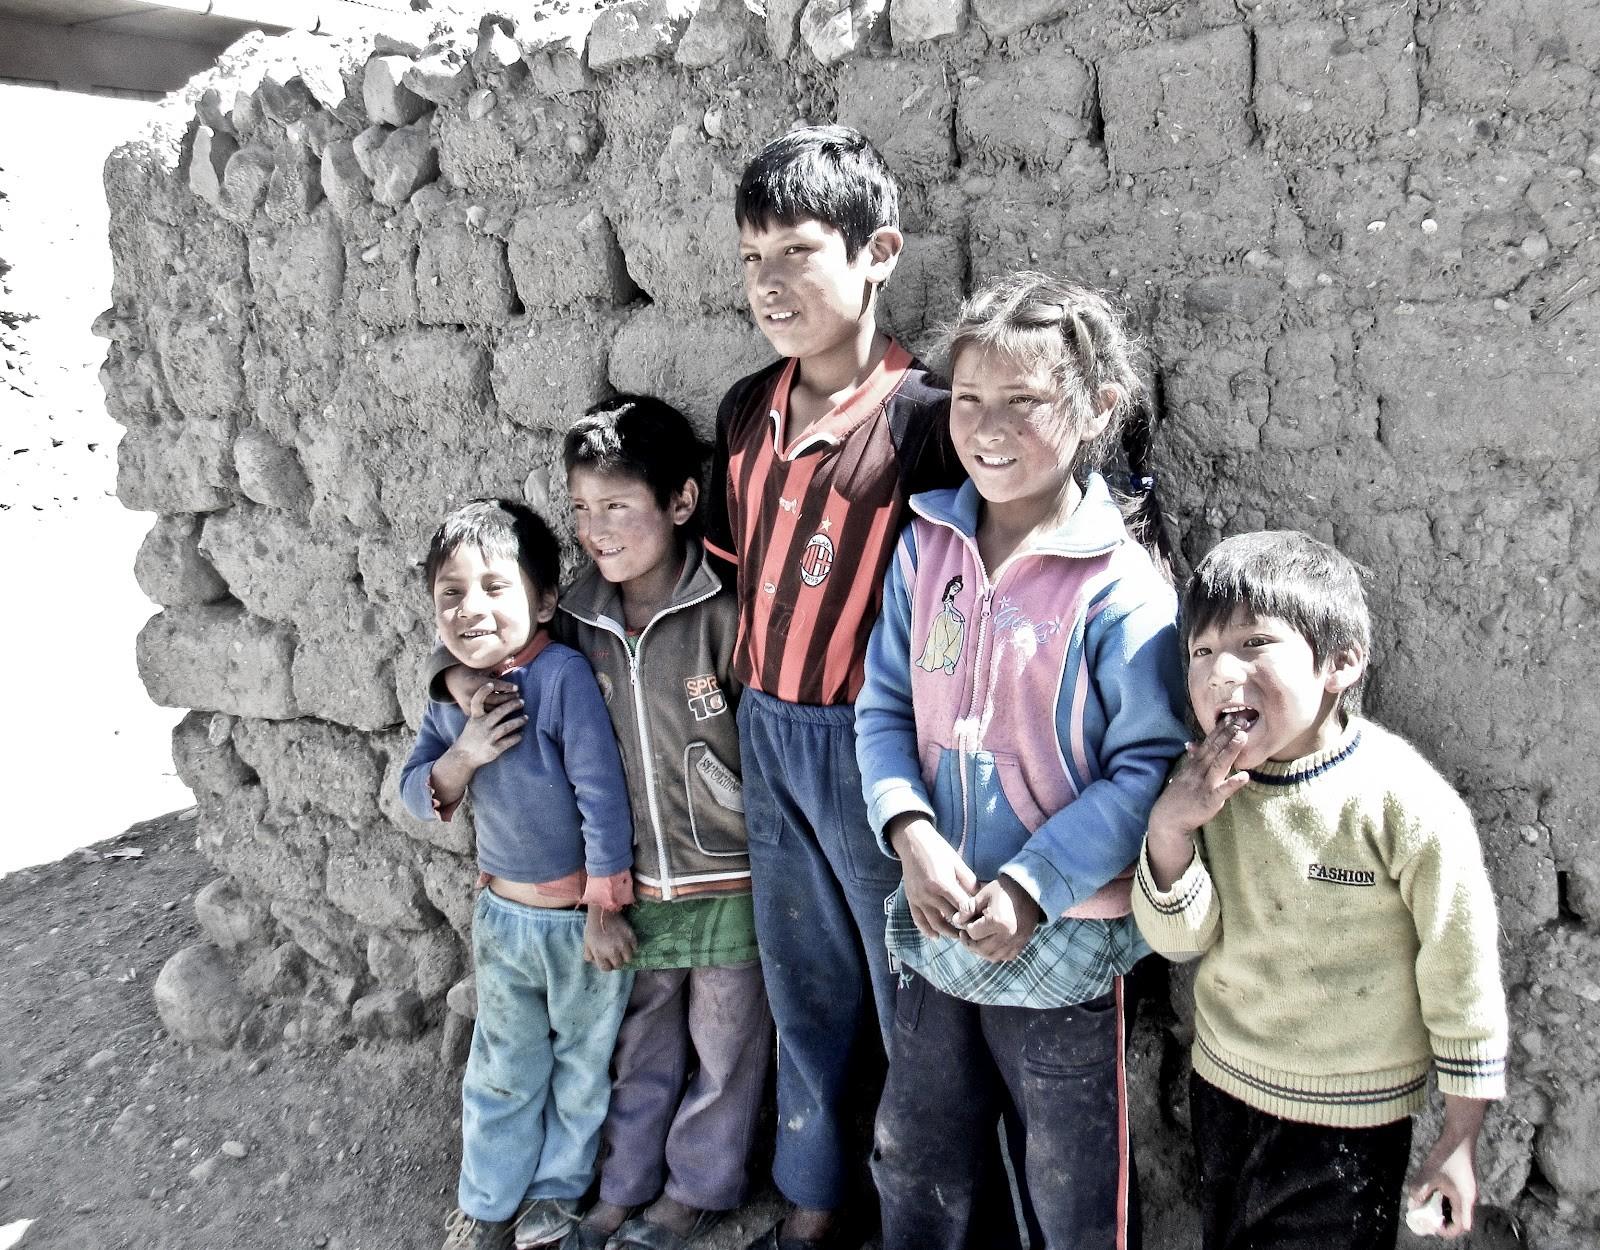 """Workshop """"Despoblamiento Infantil de las Urbes del Valle del Colca, Arequipa, Perú"""", Cortesia de TSLPerú"""